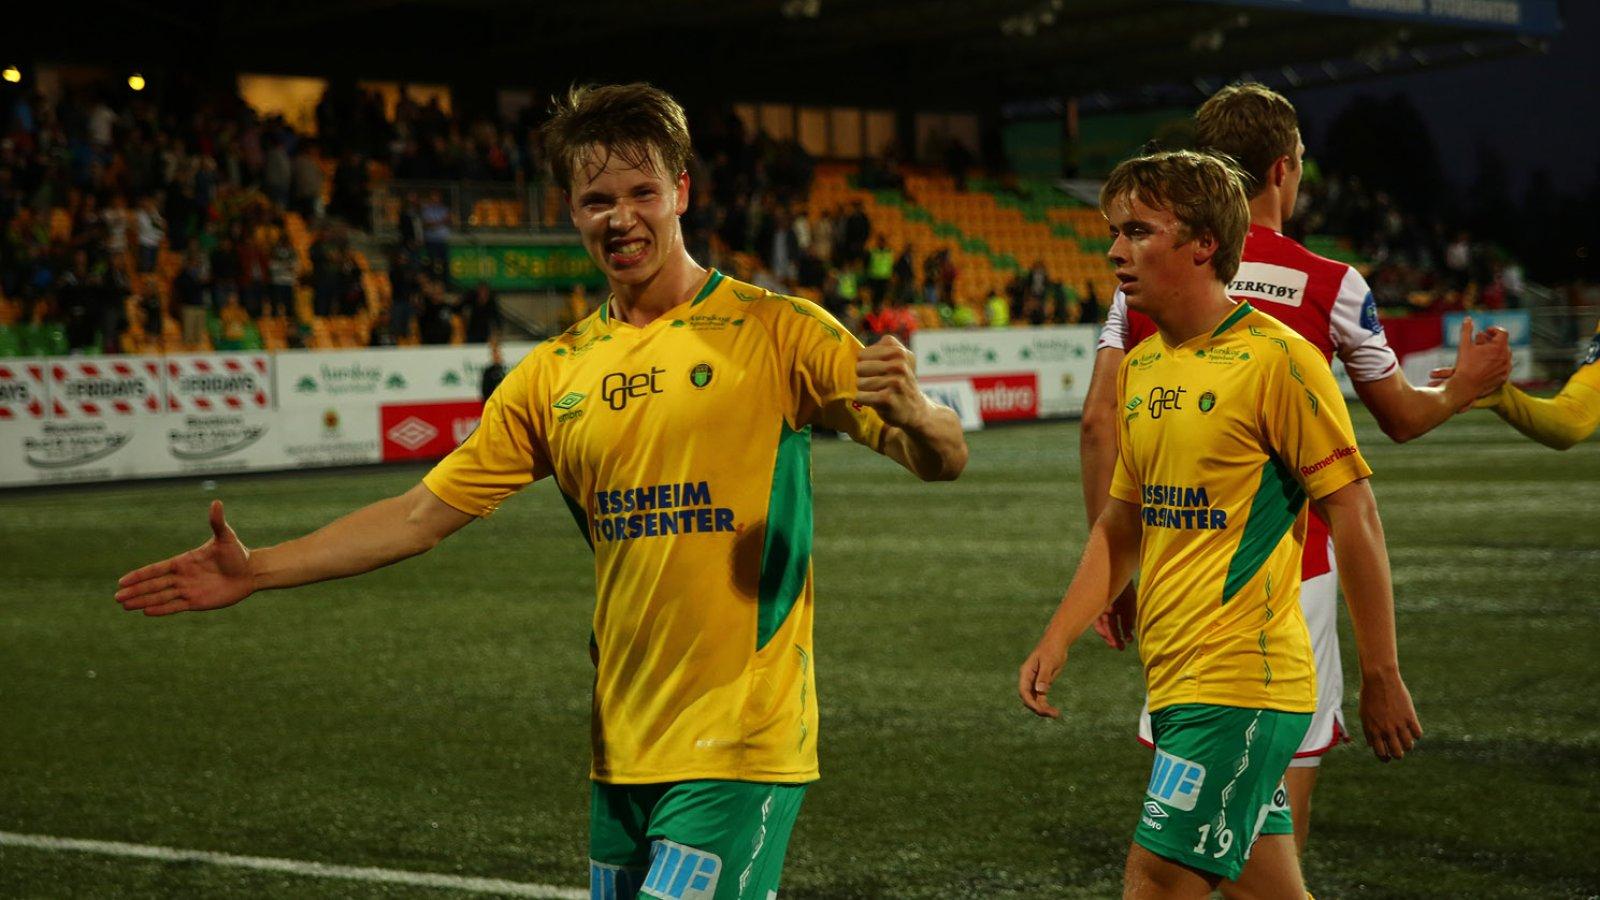 Eliteserien Norvegia 4 novembre: si giocano le gare della 28 esima giornata del campionato norvegese. Rosenborg primo a 57 punti.